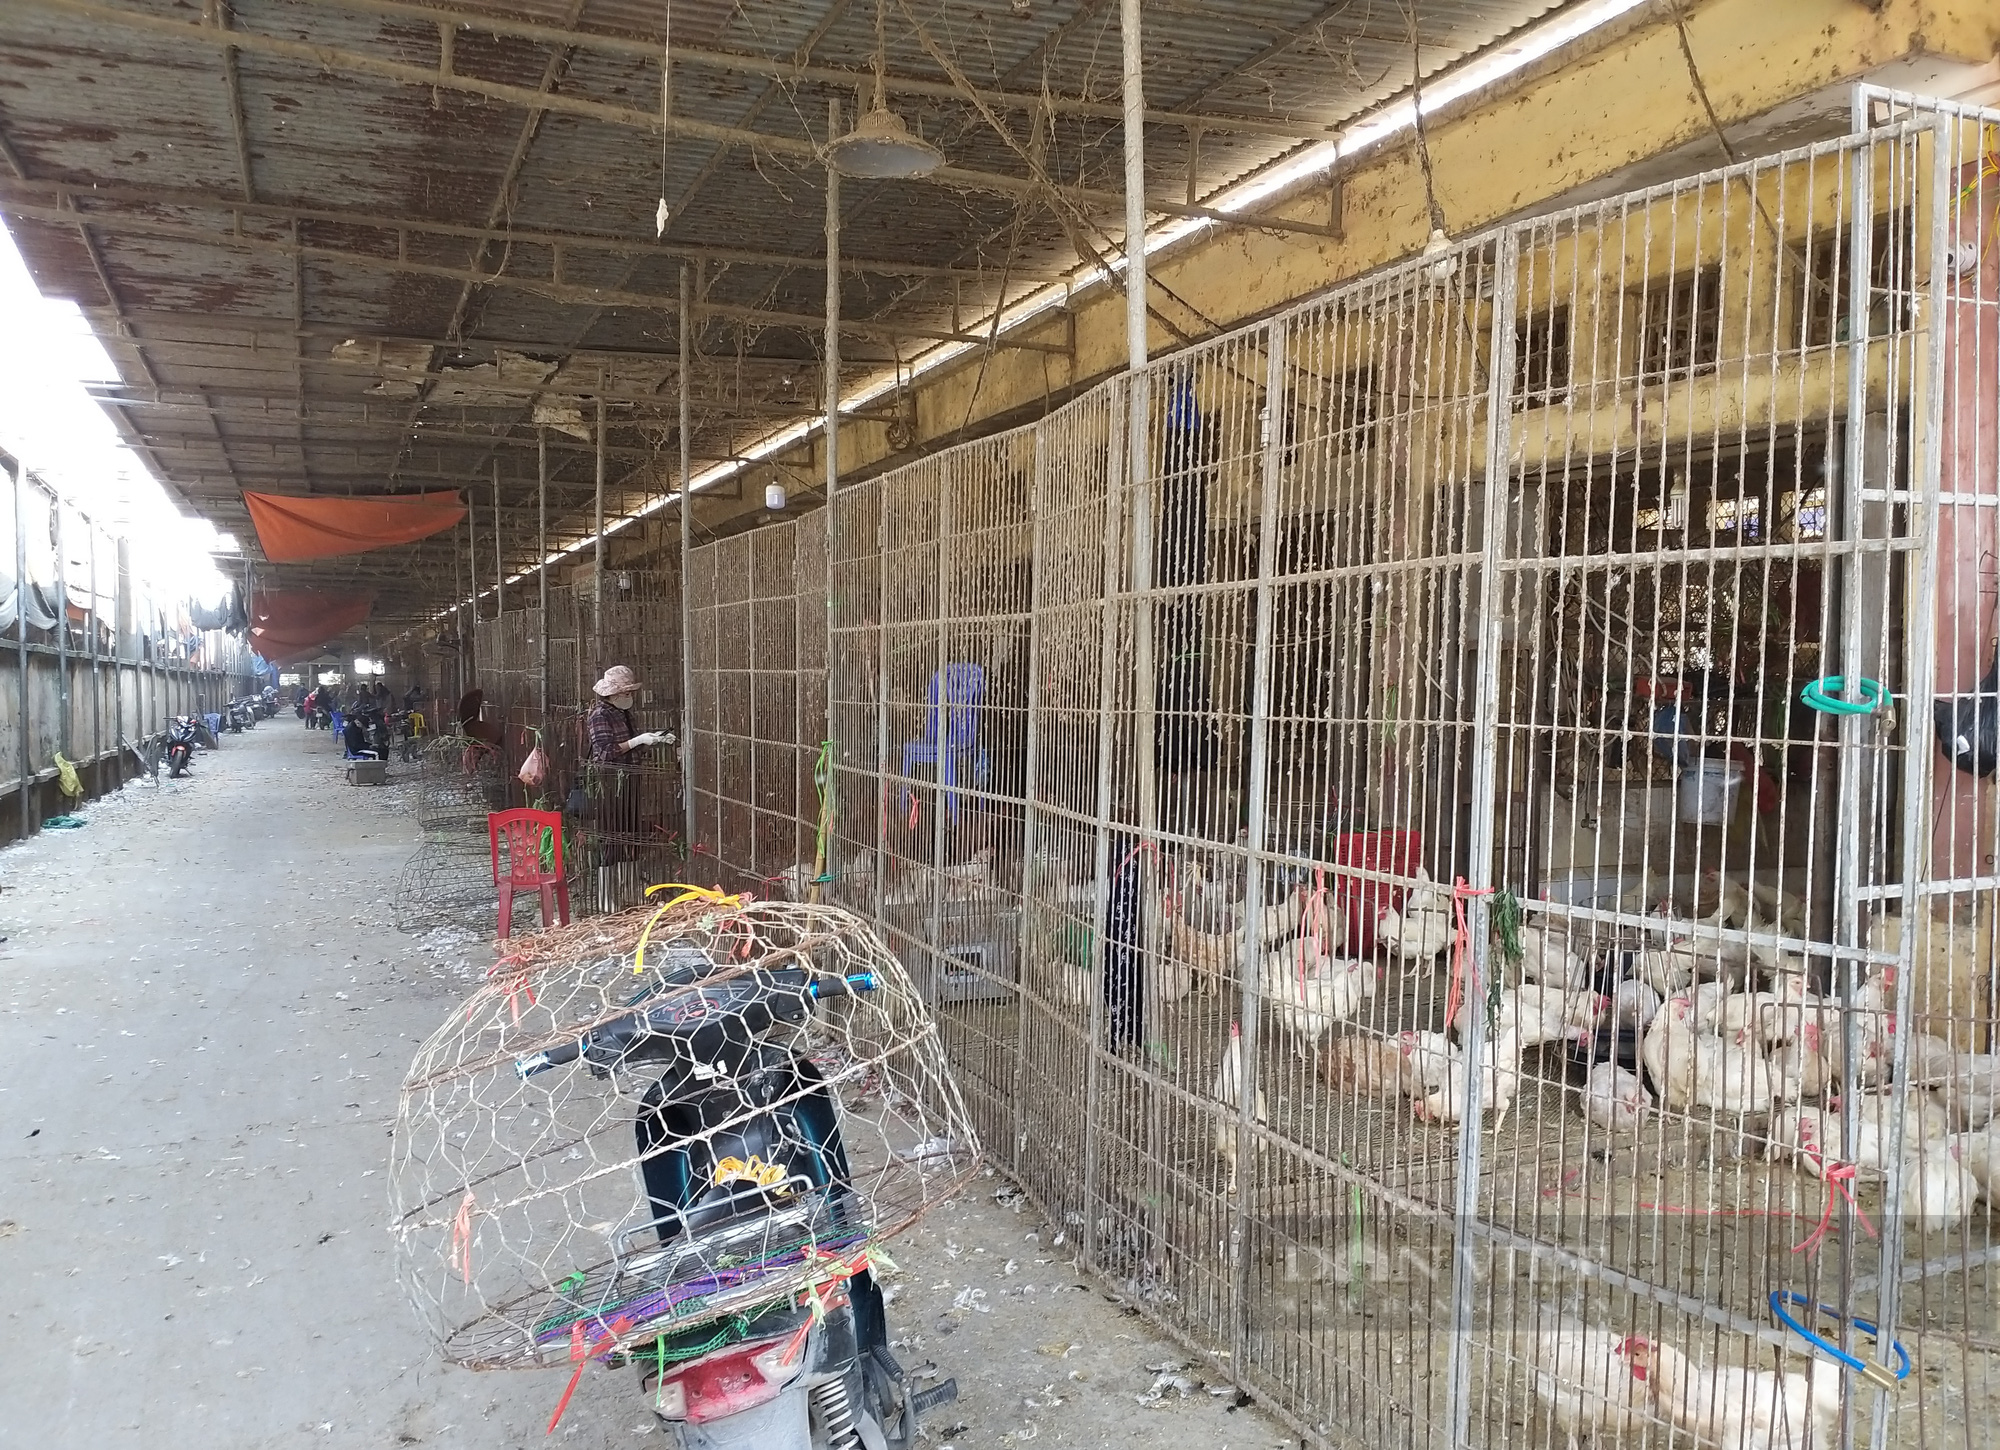 Giá gia cầm hôm nay 24/7: Cập nhật giá gà, vịt tại chợ đầu mối gia cầm lớn nhất miền Bắc  - Ảnh 1.